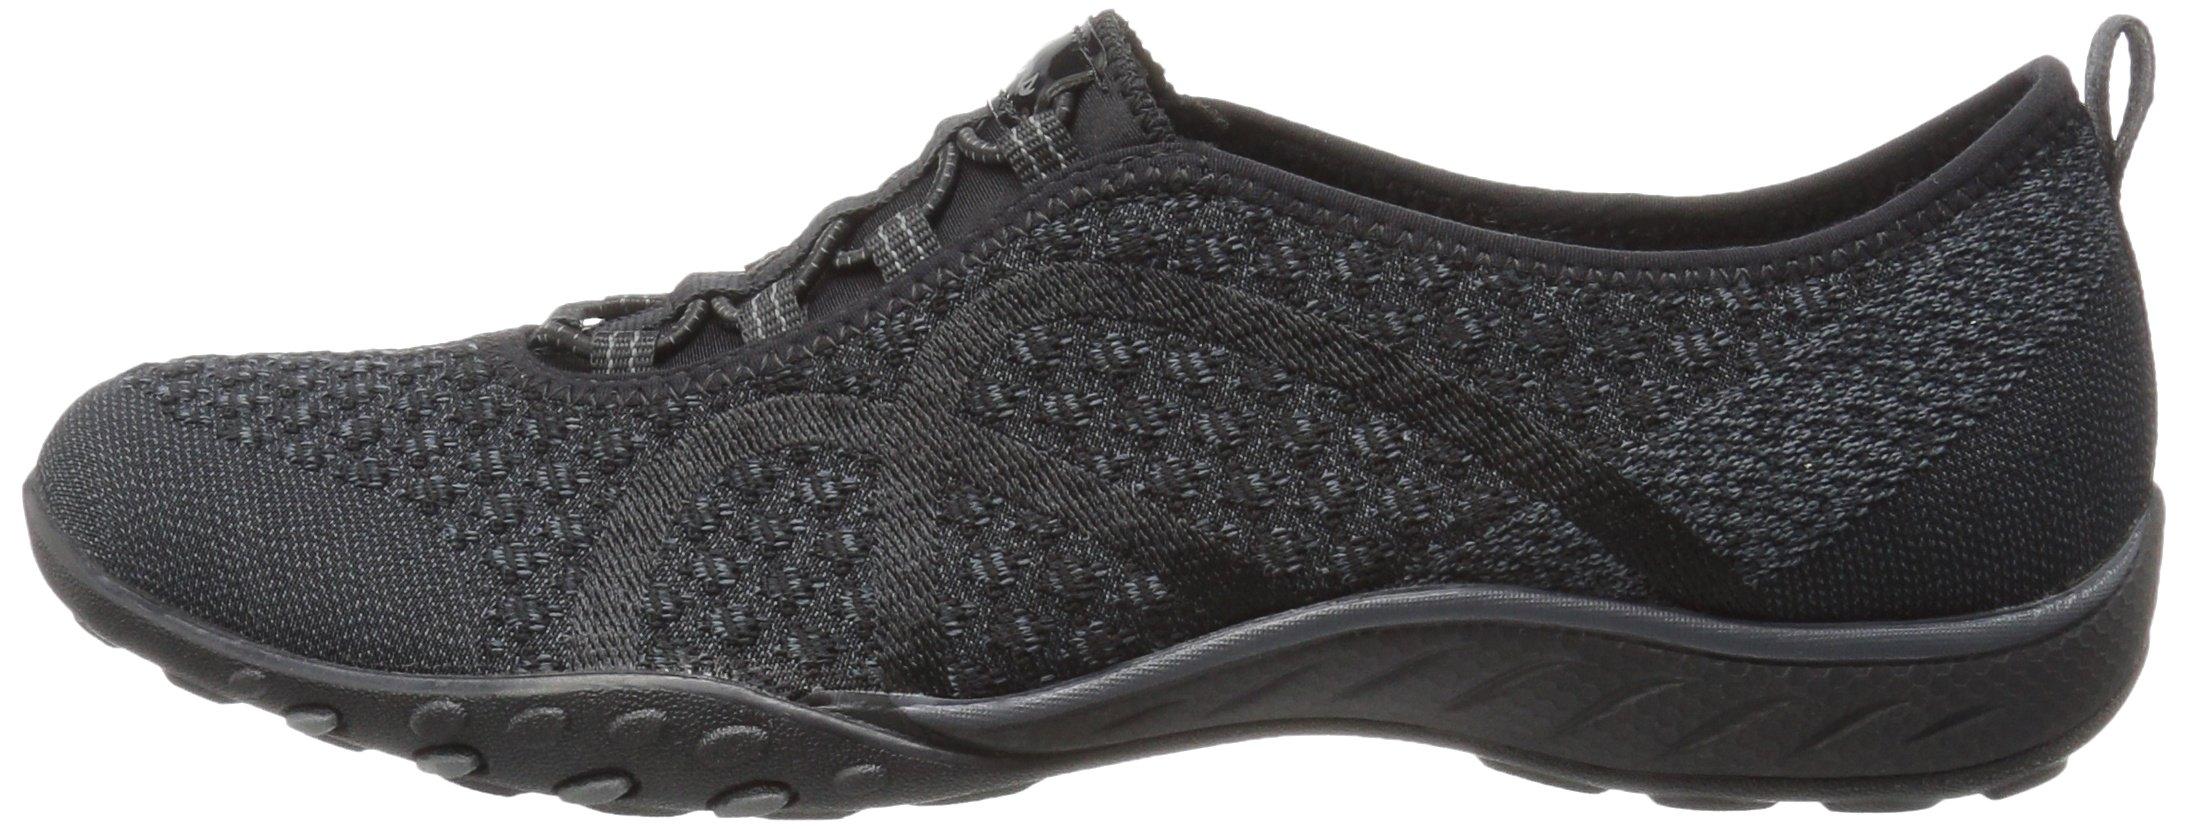 Skechers Sport Women's Breathe Easy Fortune Fashion Sneaker,Black Knit,5.5 M US by Skechers (Image #5)